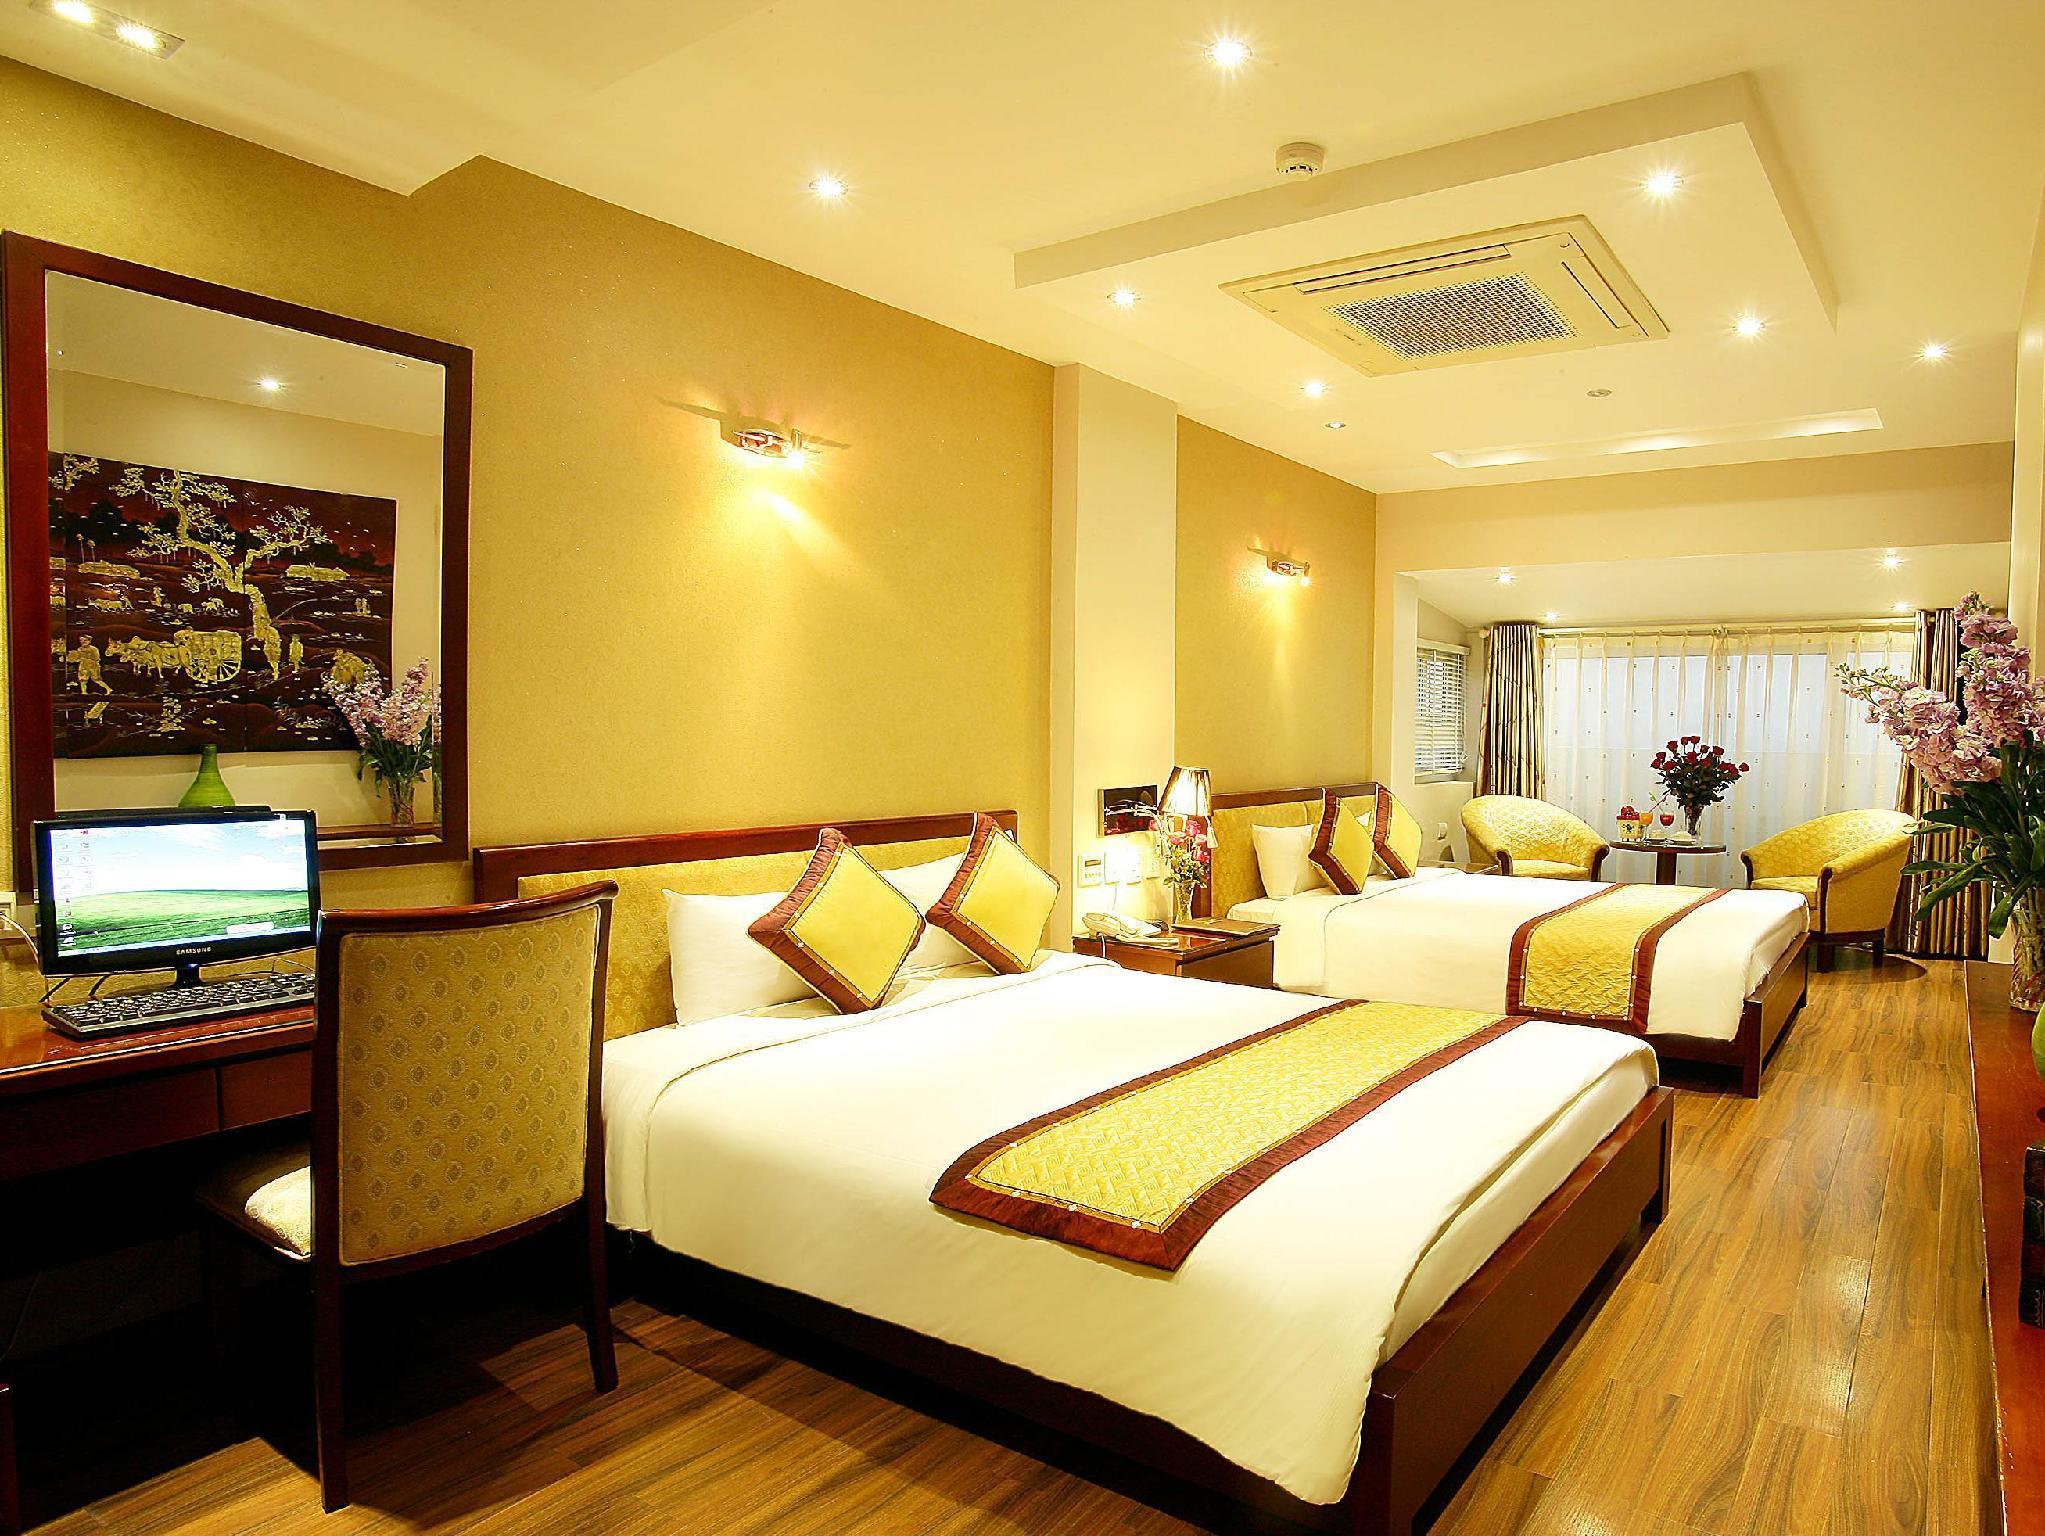 Hanoi View 2 Hotel – Ngo Si Lien - Hotell och Boende i Vietnam , Hanoi